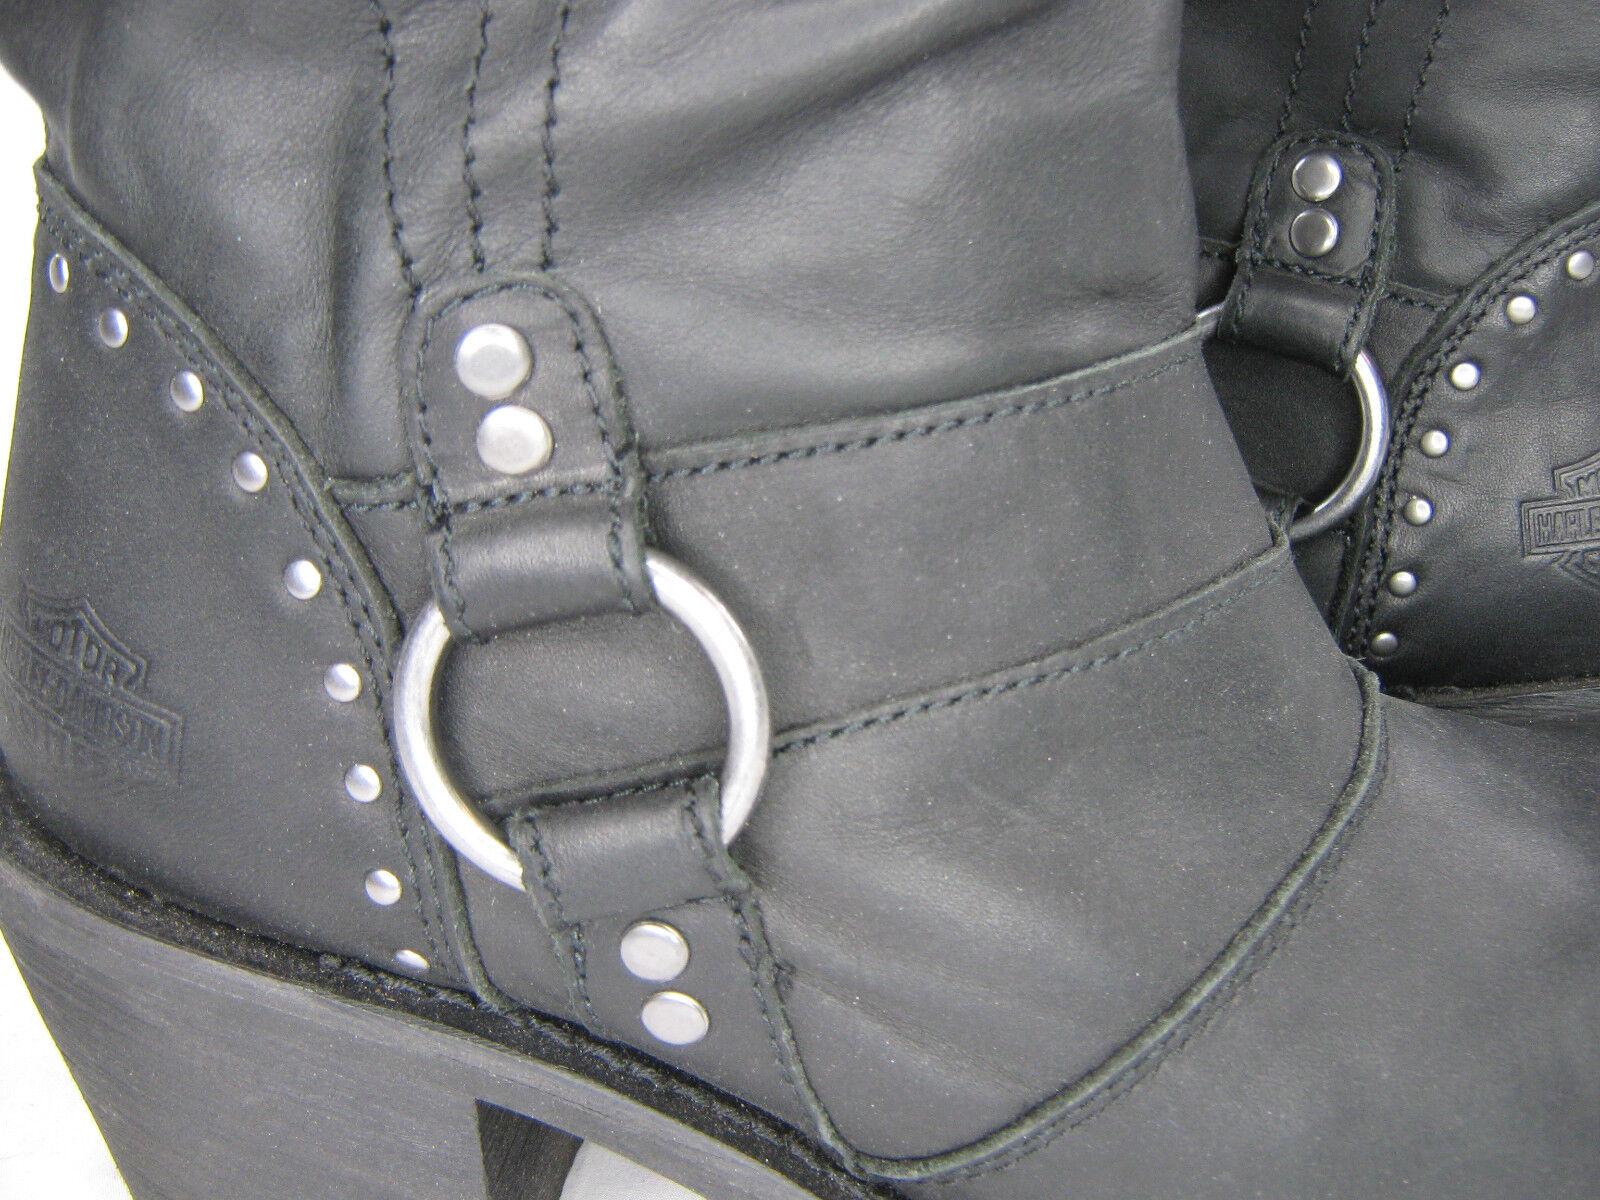 lo stile classico donna harley davidson leather stivali 5.5 nero nero nero Jana D83562 11.5  pull on zip up  solo per te